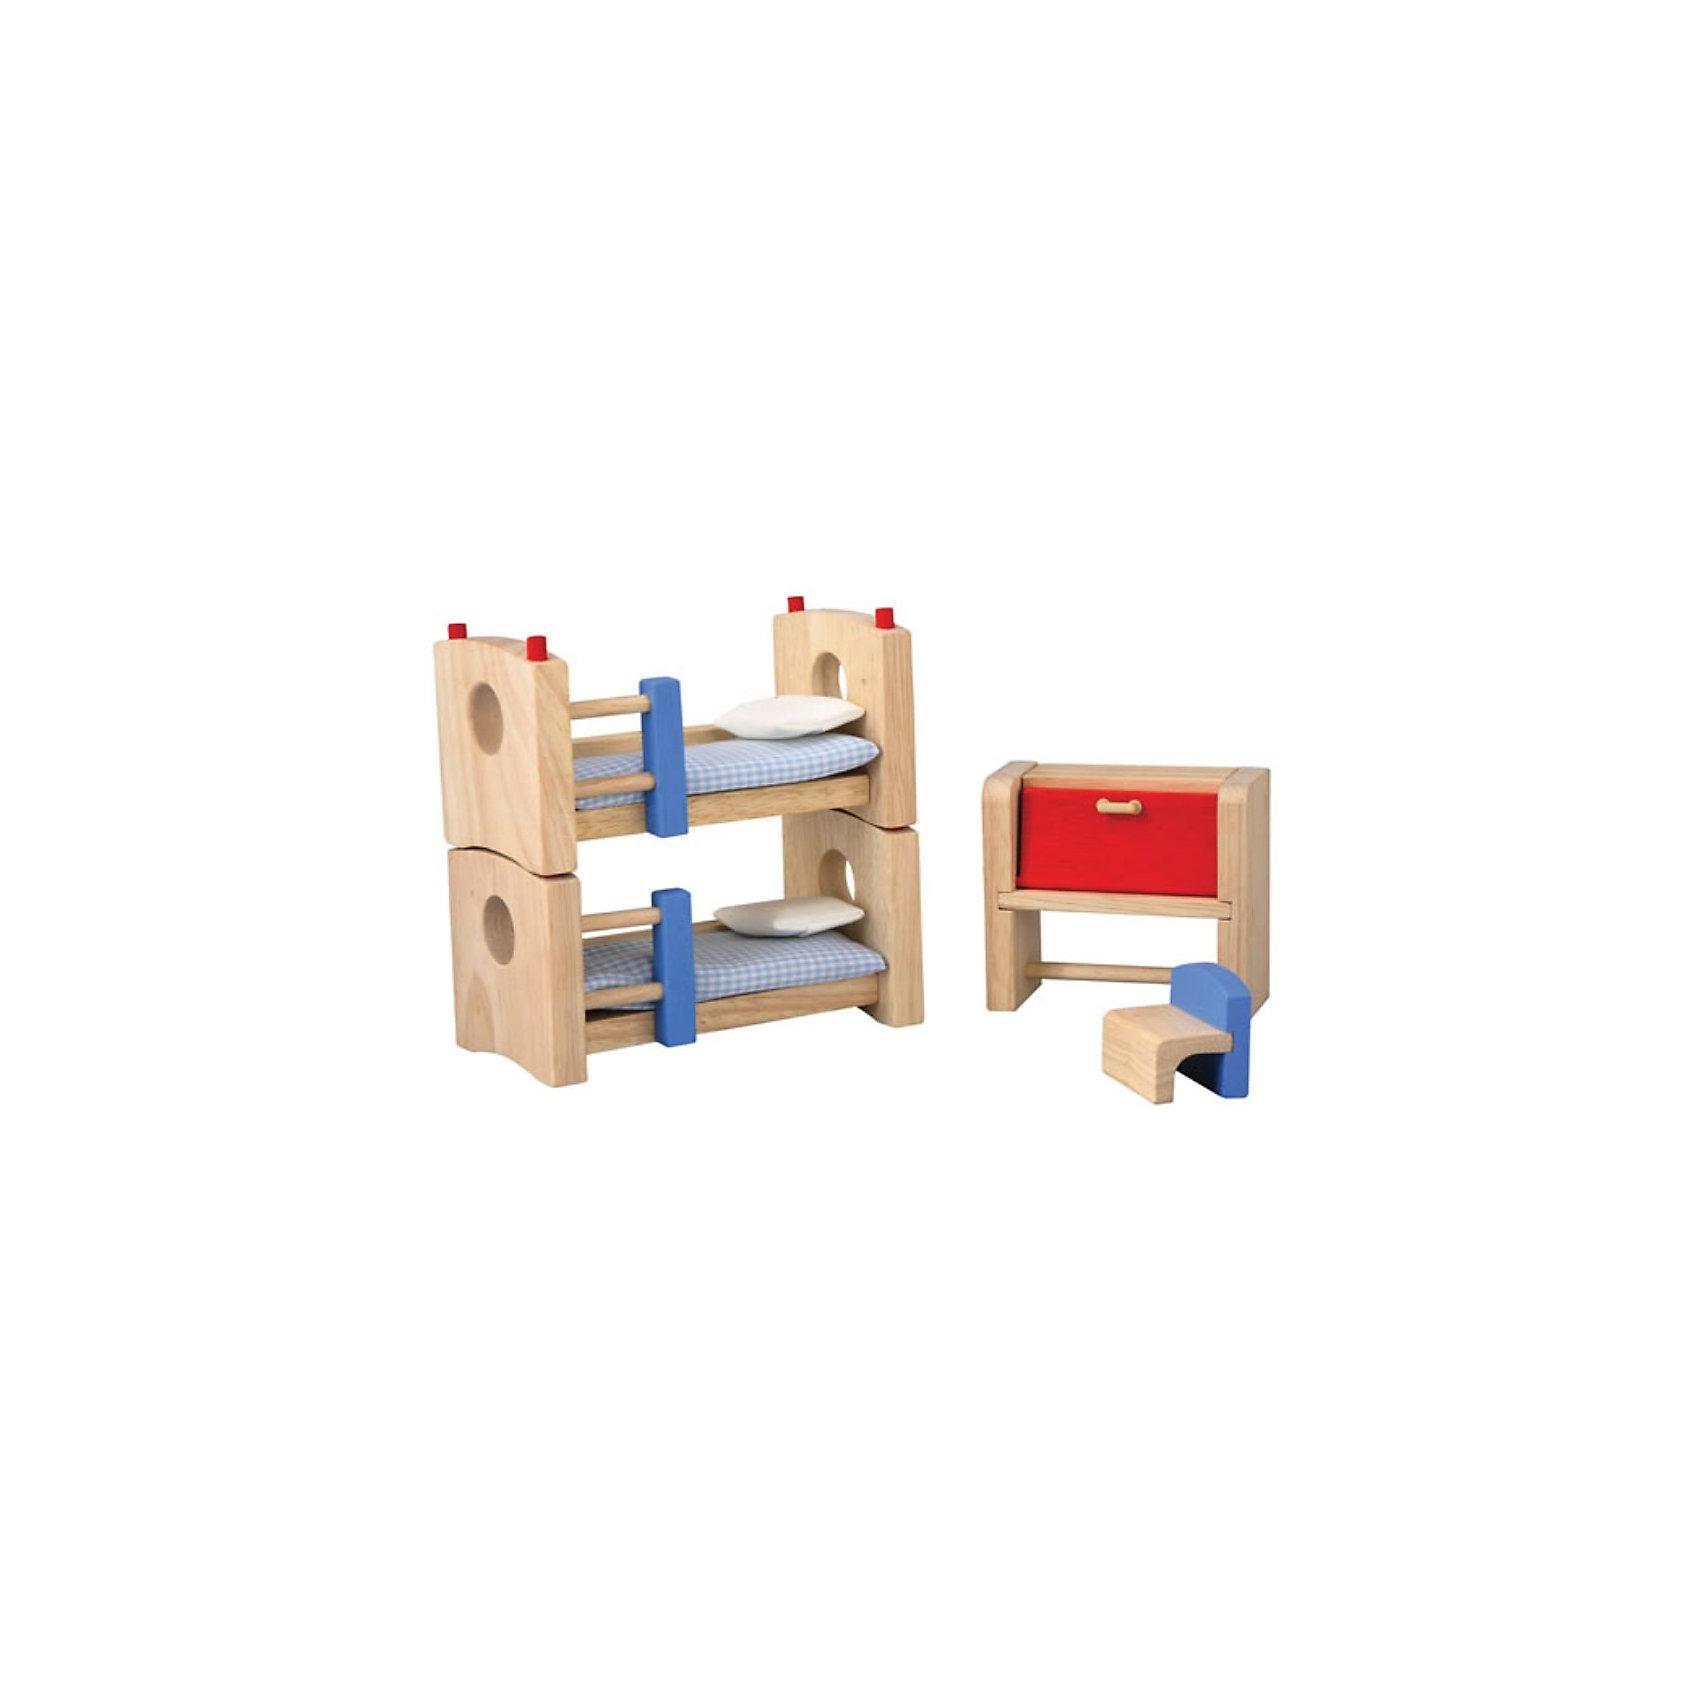 PLAN TOYS 7304 Детская NeoДекоративный набор мебели для кукольных домиков PlanToys. <br><br>В комплекте: двухярусная кровать (превращается в две обычных кровати), шкафчик, который можно трансформировать в стол и  табурет.<br><br>Дополнительная информация:<br><br>Размер двухярусной кровати: 7.0 x 14.0 x 14.0 см<br>Масштаб: 1:12<br><br>PLAN TOYS 7304 Детская Neo можно купить в нашем магазине.<br><br>Ширина мм: 193<br>Глубина мм: 192<br>Высота мм: 81<br>Вес г: 487<br>Возраст от месяцев: 36<br>Возраст до месяцев: 72<br>Пол: Женский<br>Возраст: Детский<br>SKU: 2017241